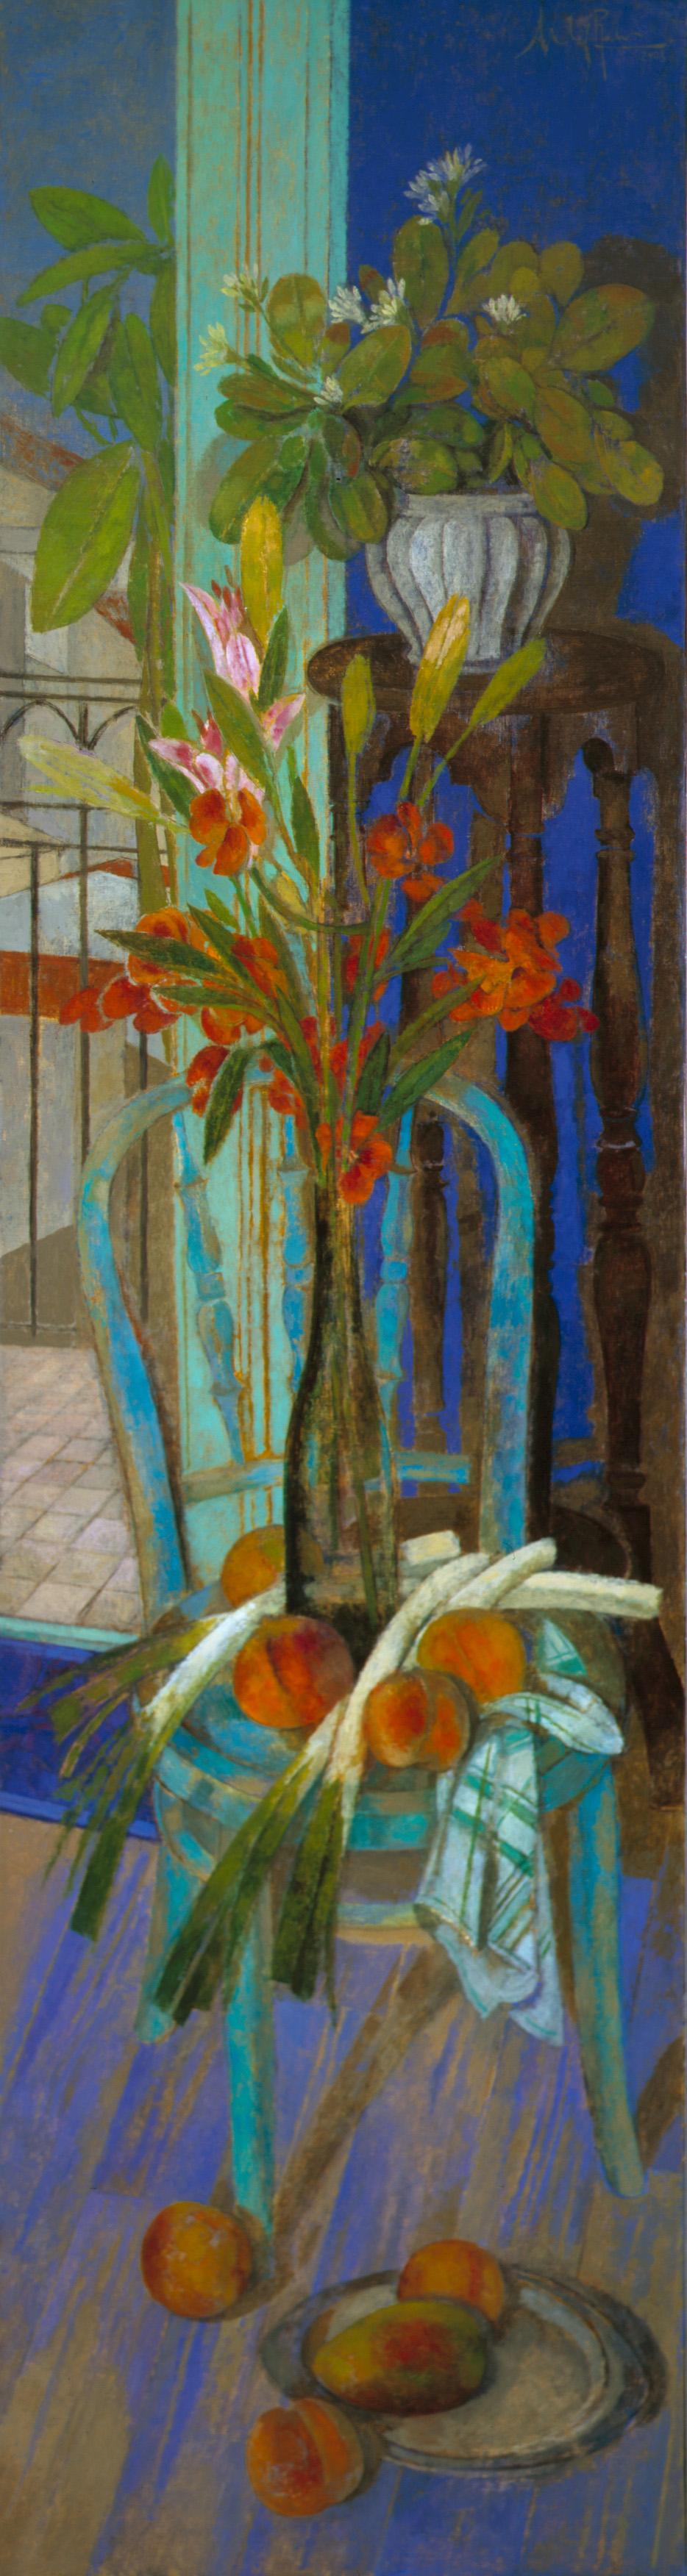 """""""Bodegón vertical"""" Óleo sobre lienzo, 195 x 50 cm."""